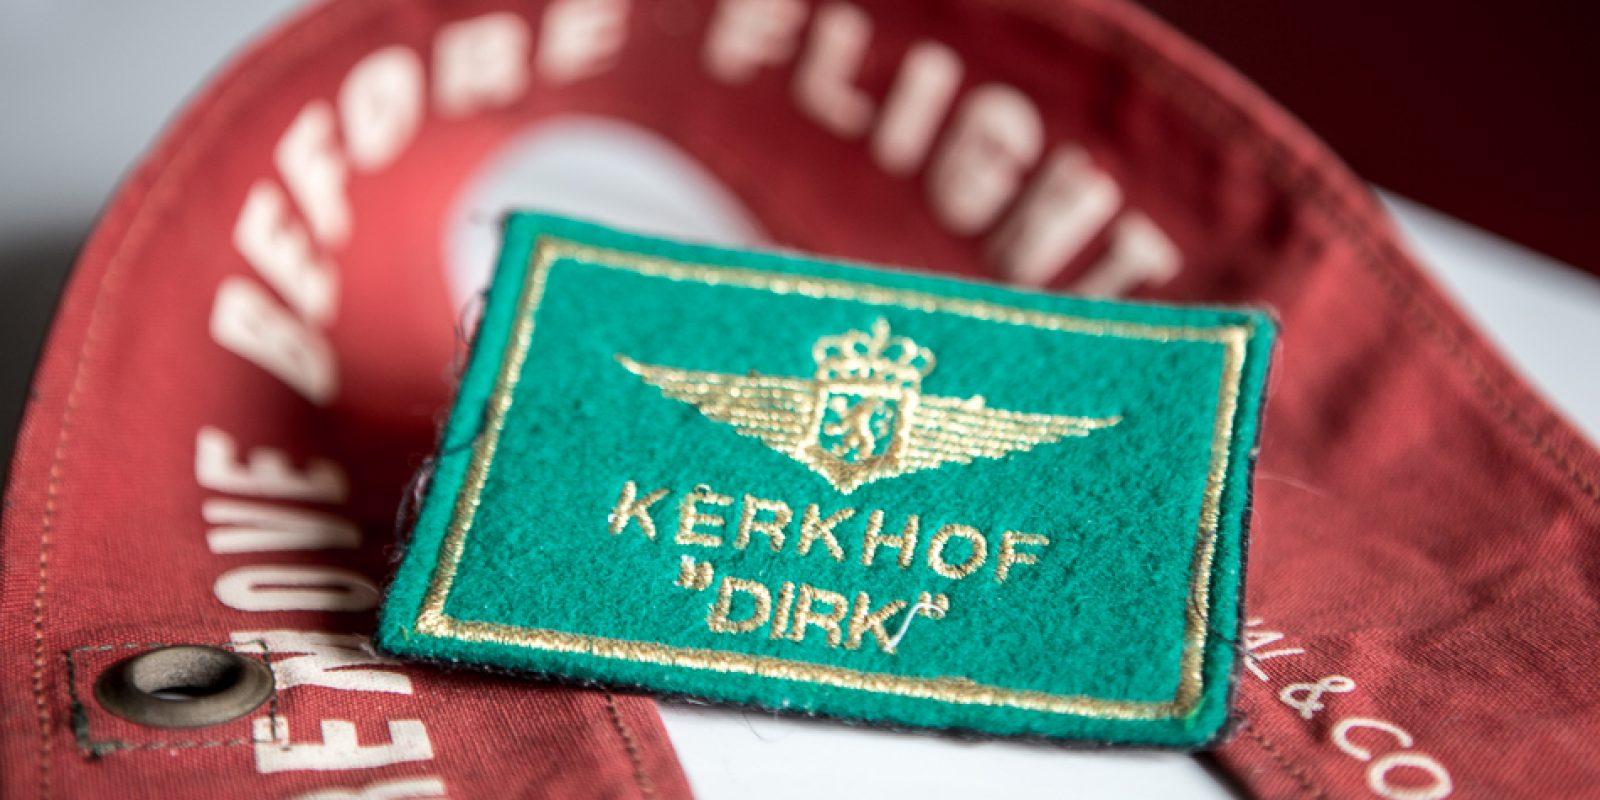 201503_DirkKerkhof01_TBR